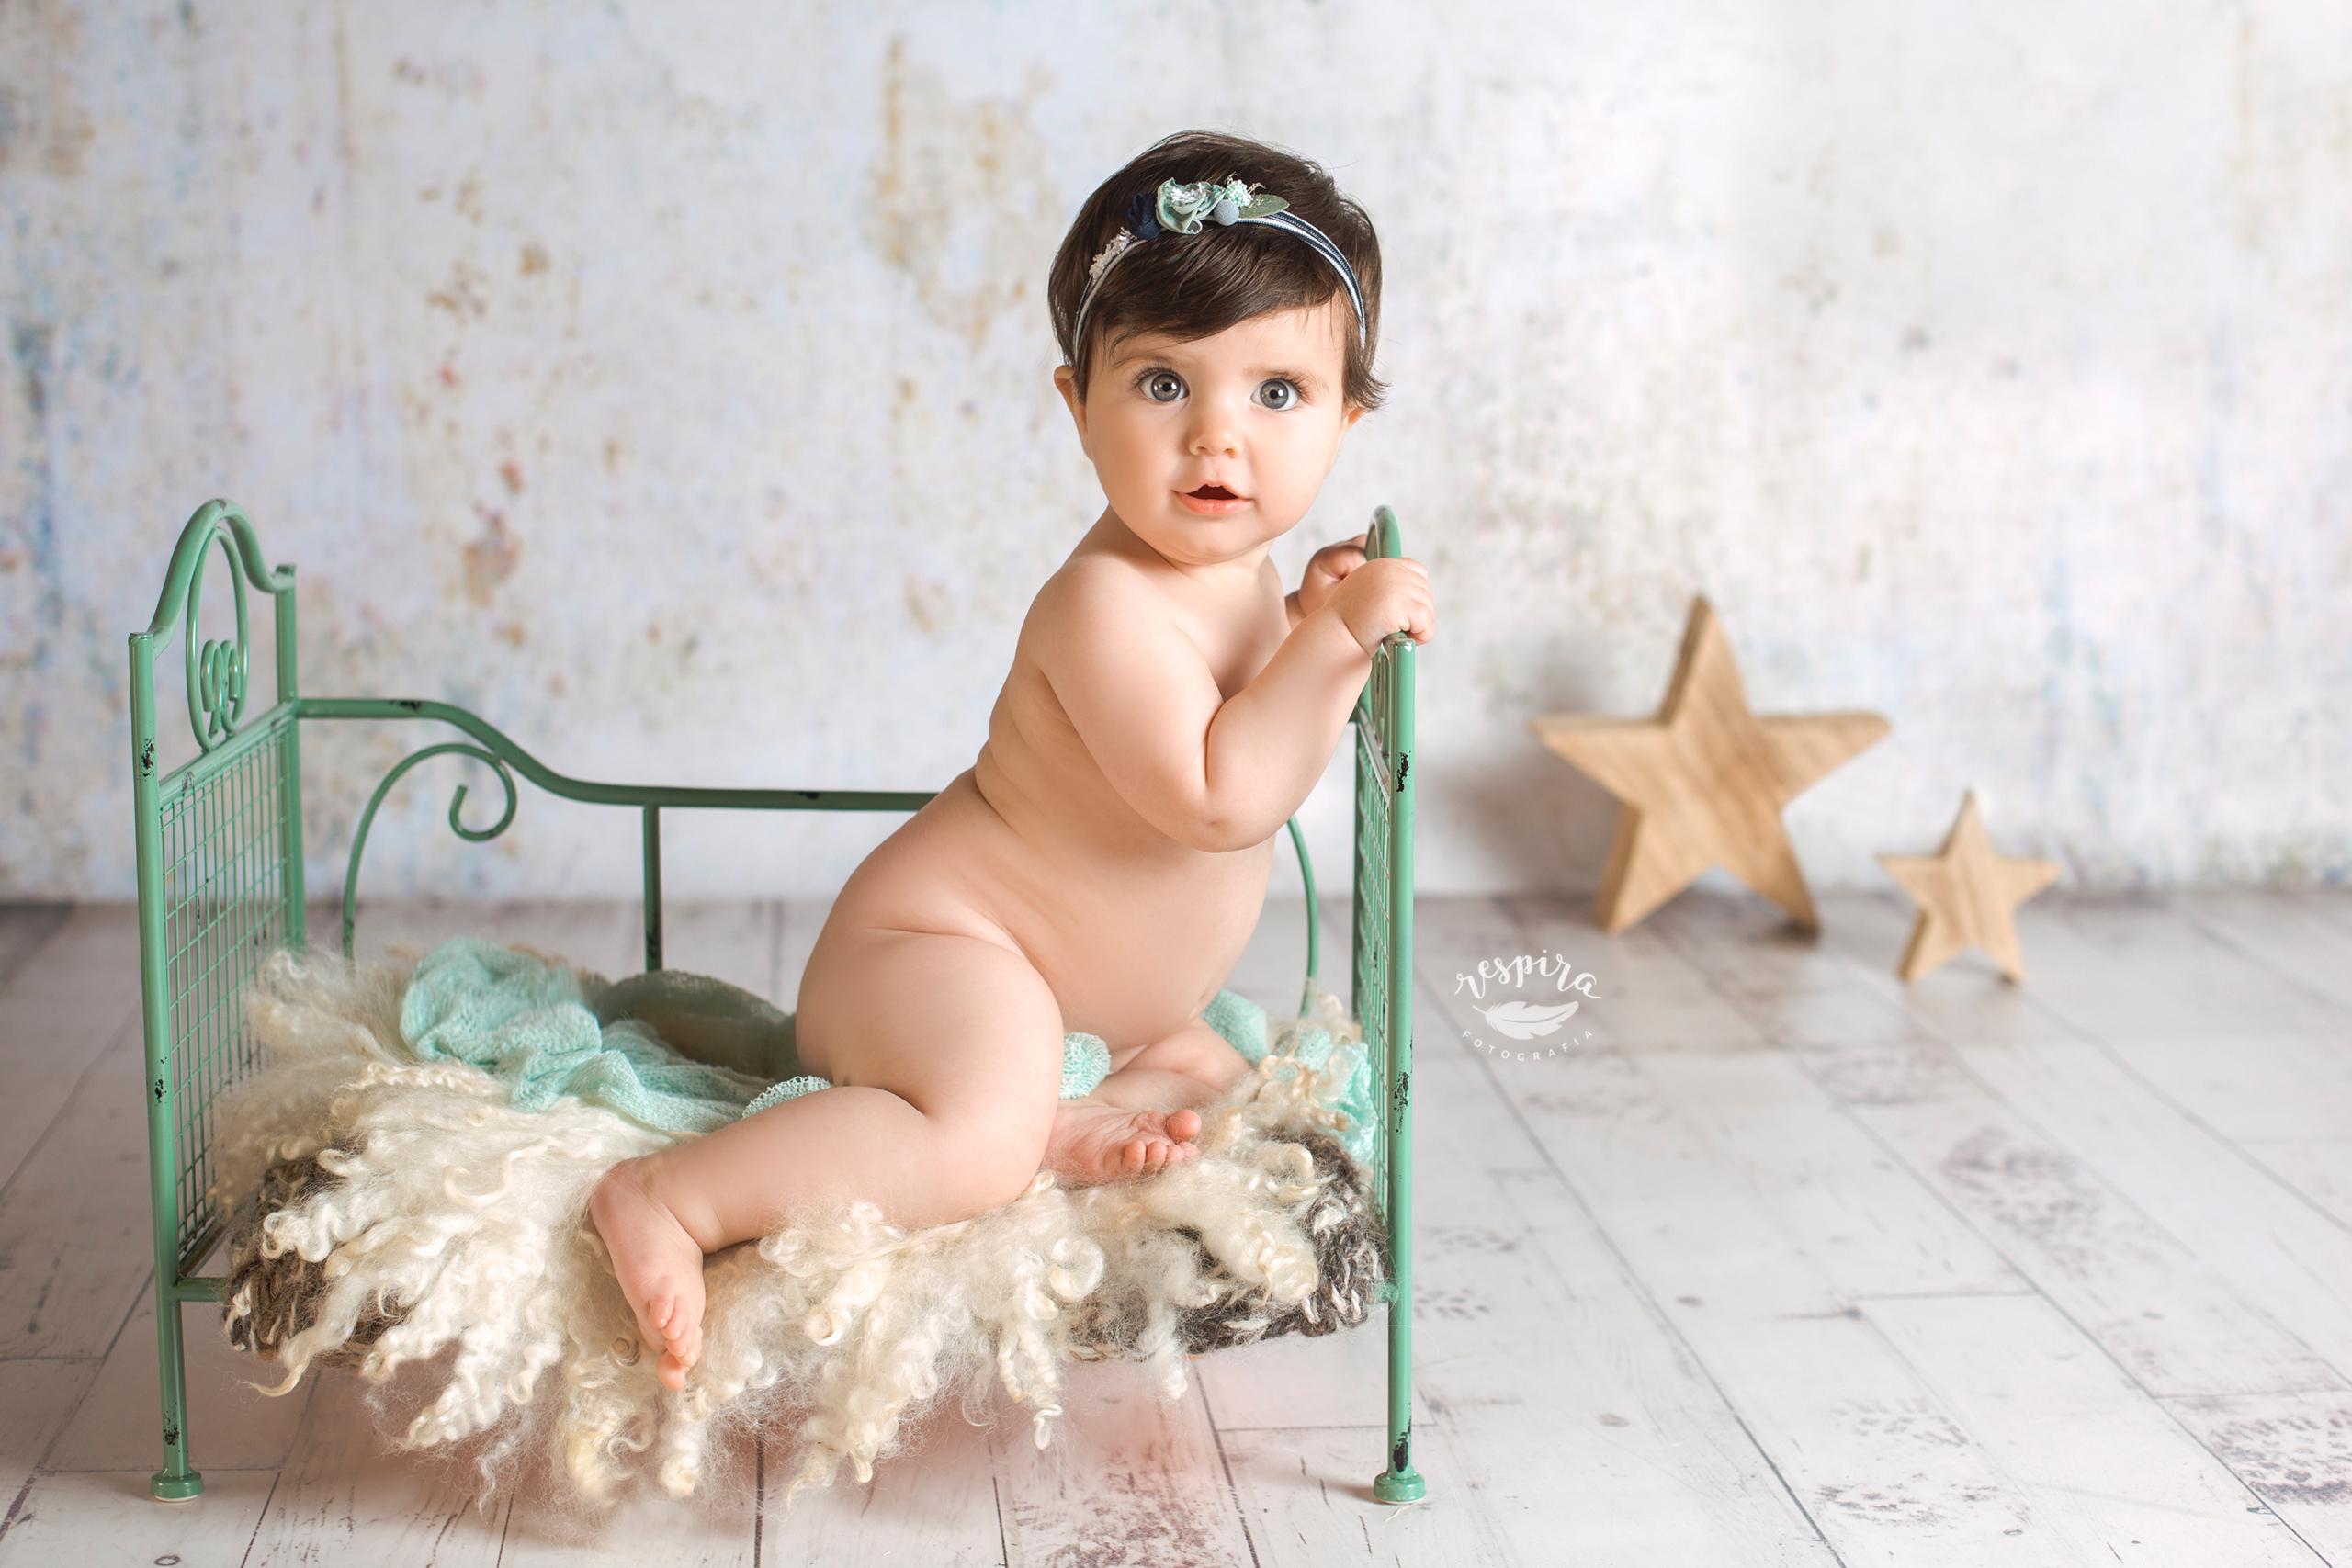 Fotograf de bebes a olesa barcelona baix llobregat